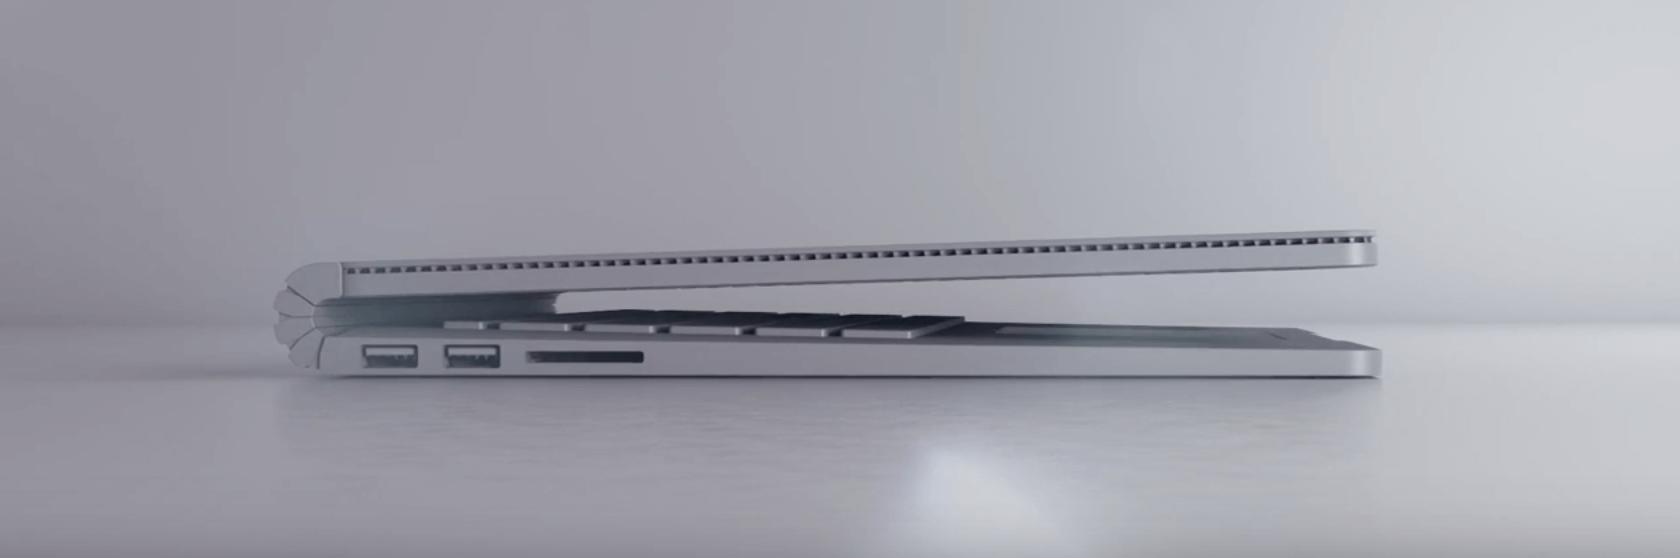 Microsoft Surface Book vorgestellt 4